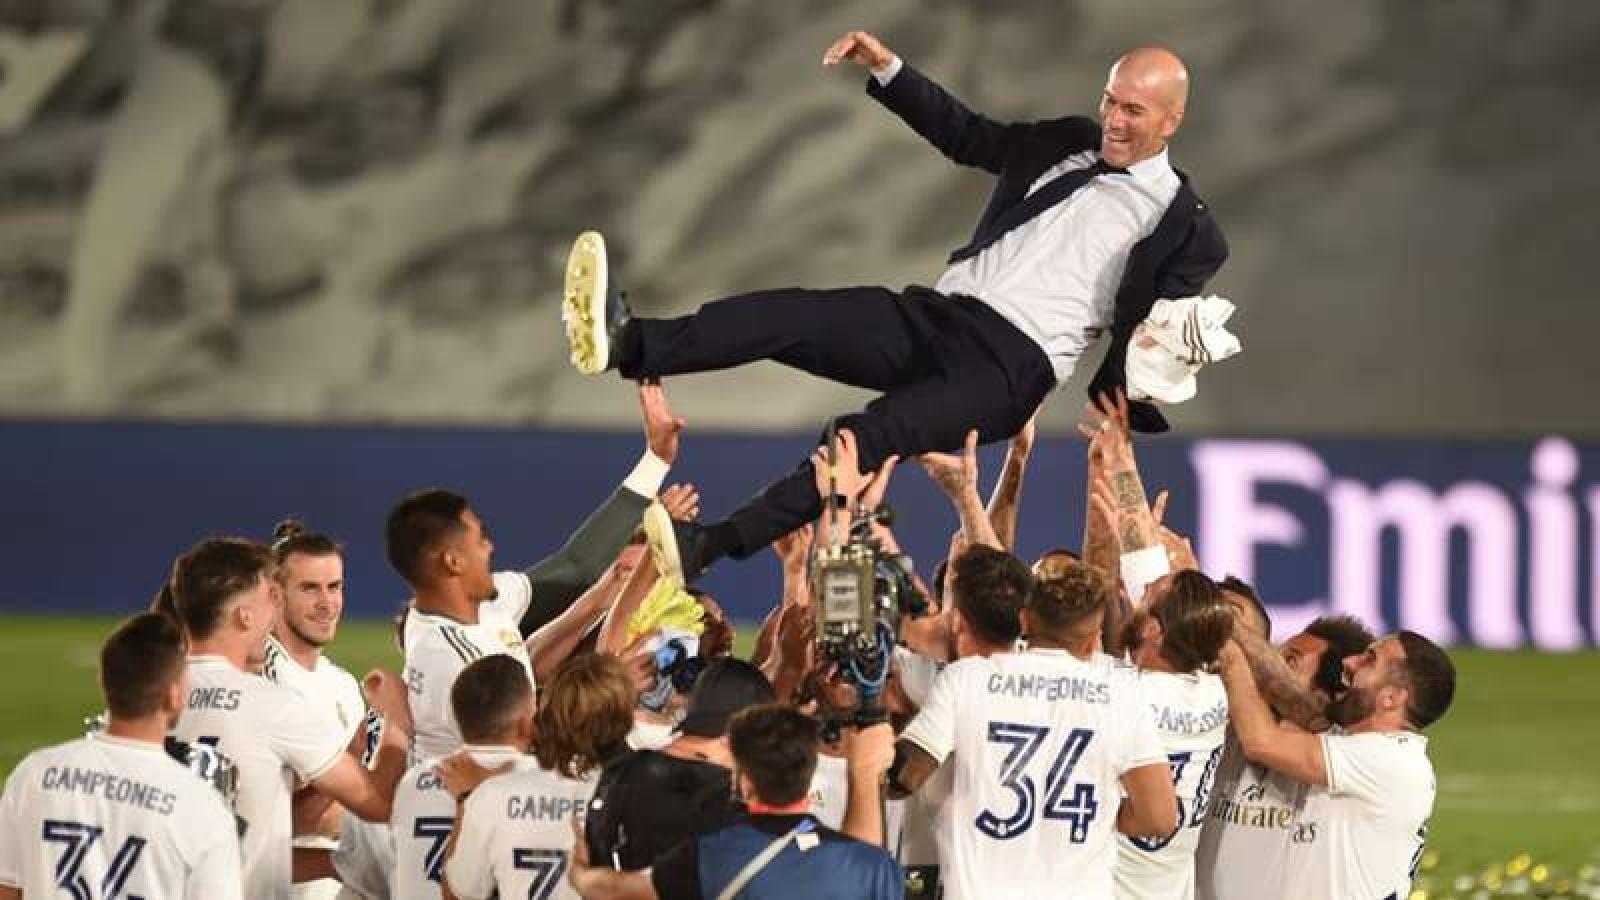 HLV Zidane nói gì khi giúp Real Madrid vô địch La Liga 2019/2020?